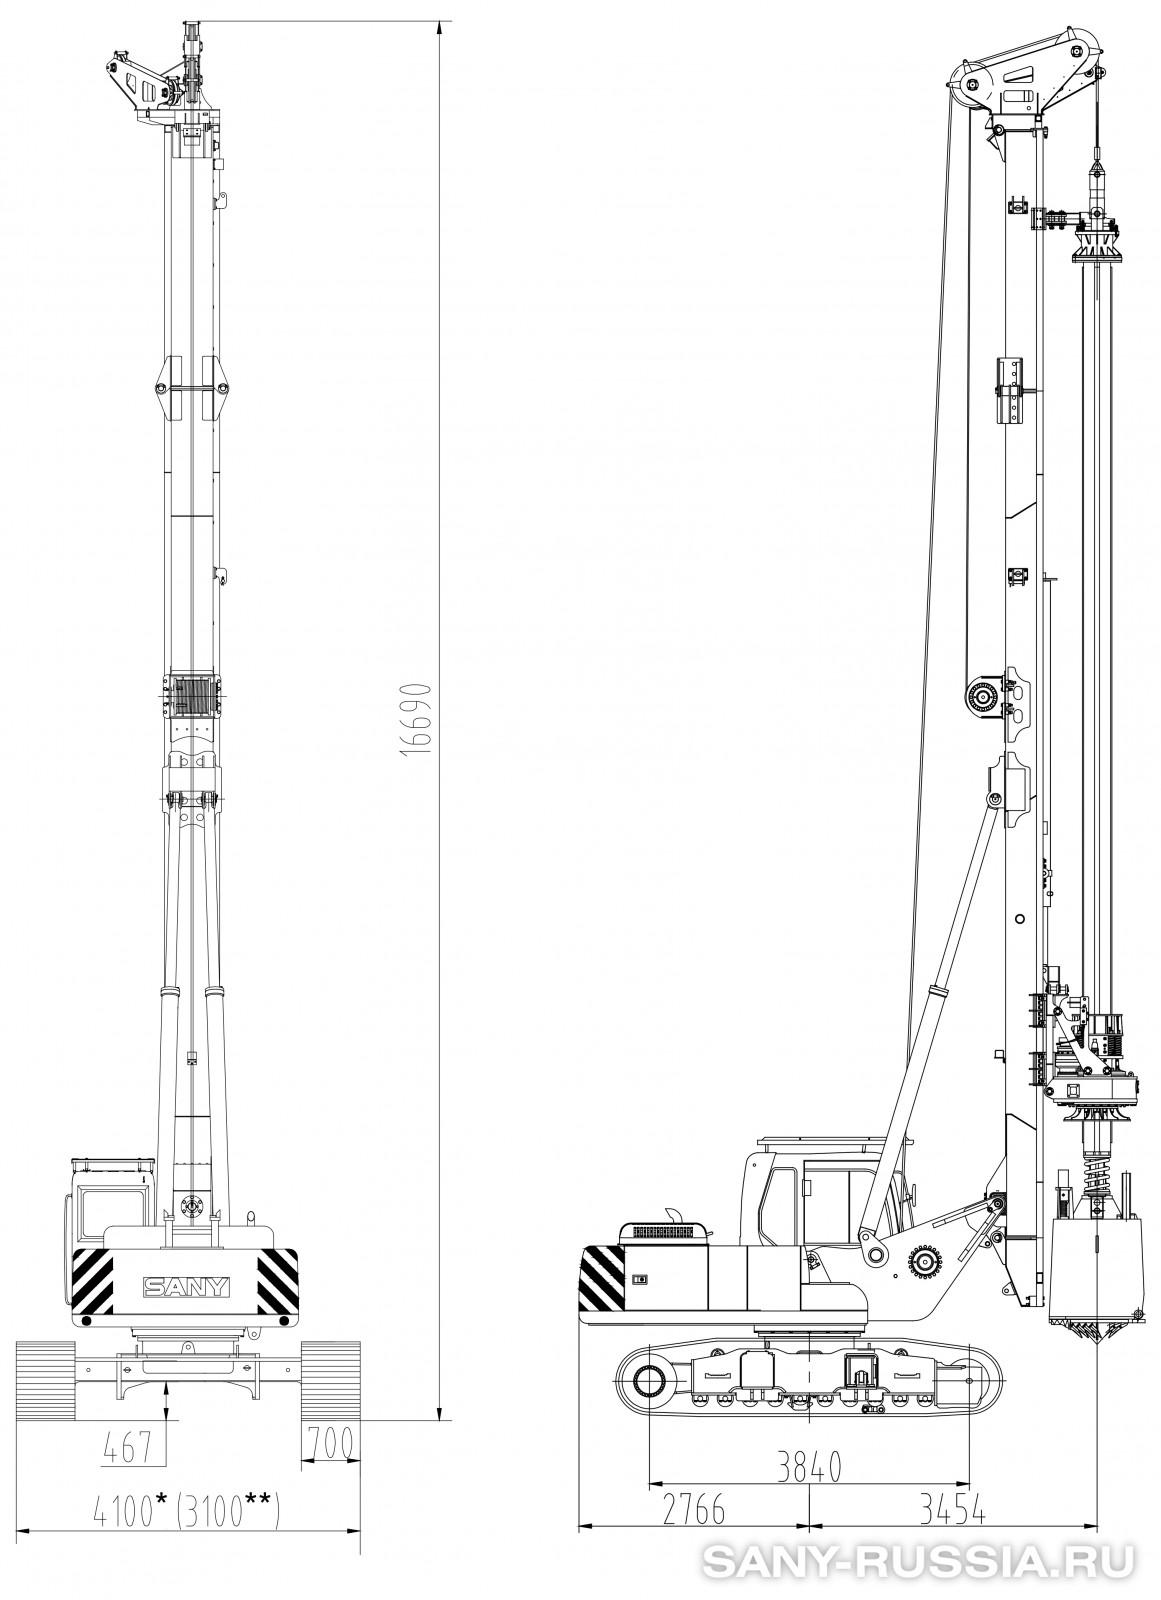 Малогабаритная буровая установка своими руками: процесс изготовления 26